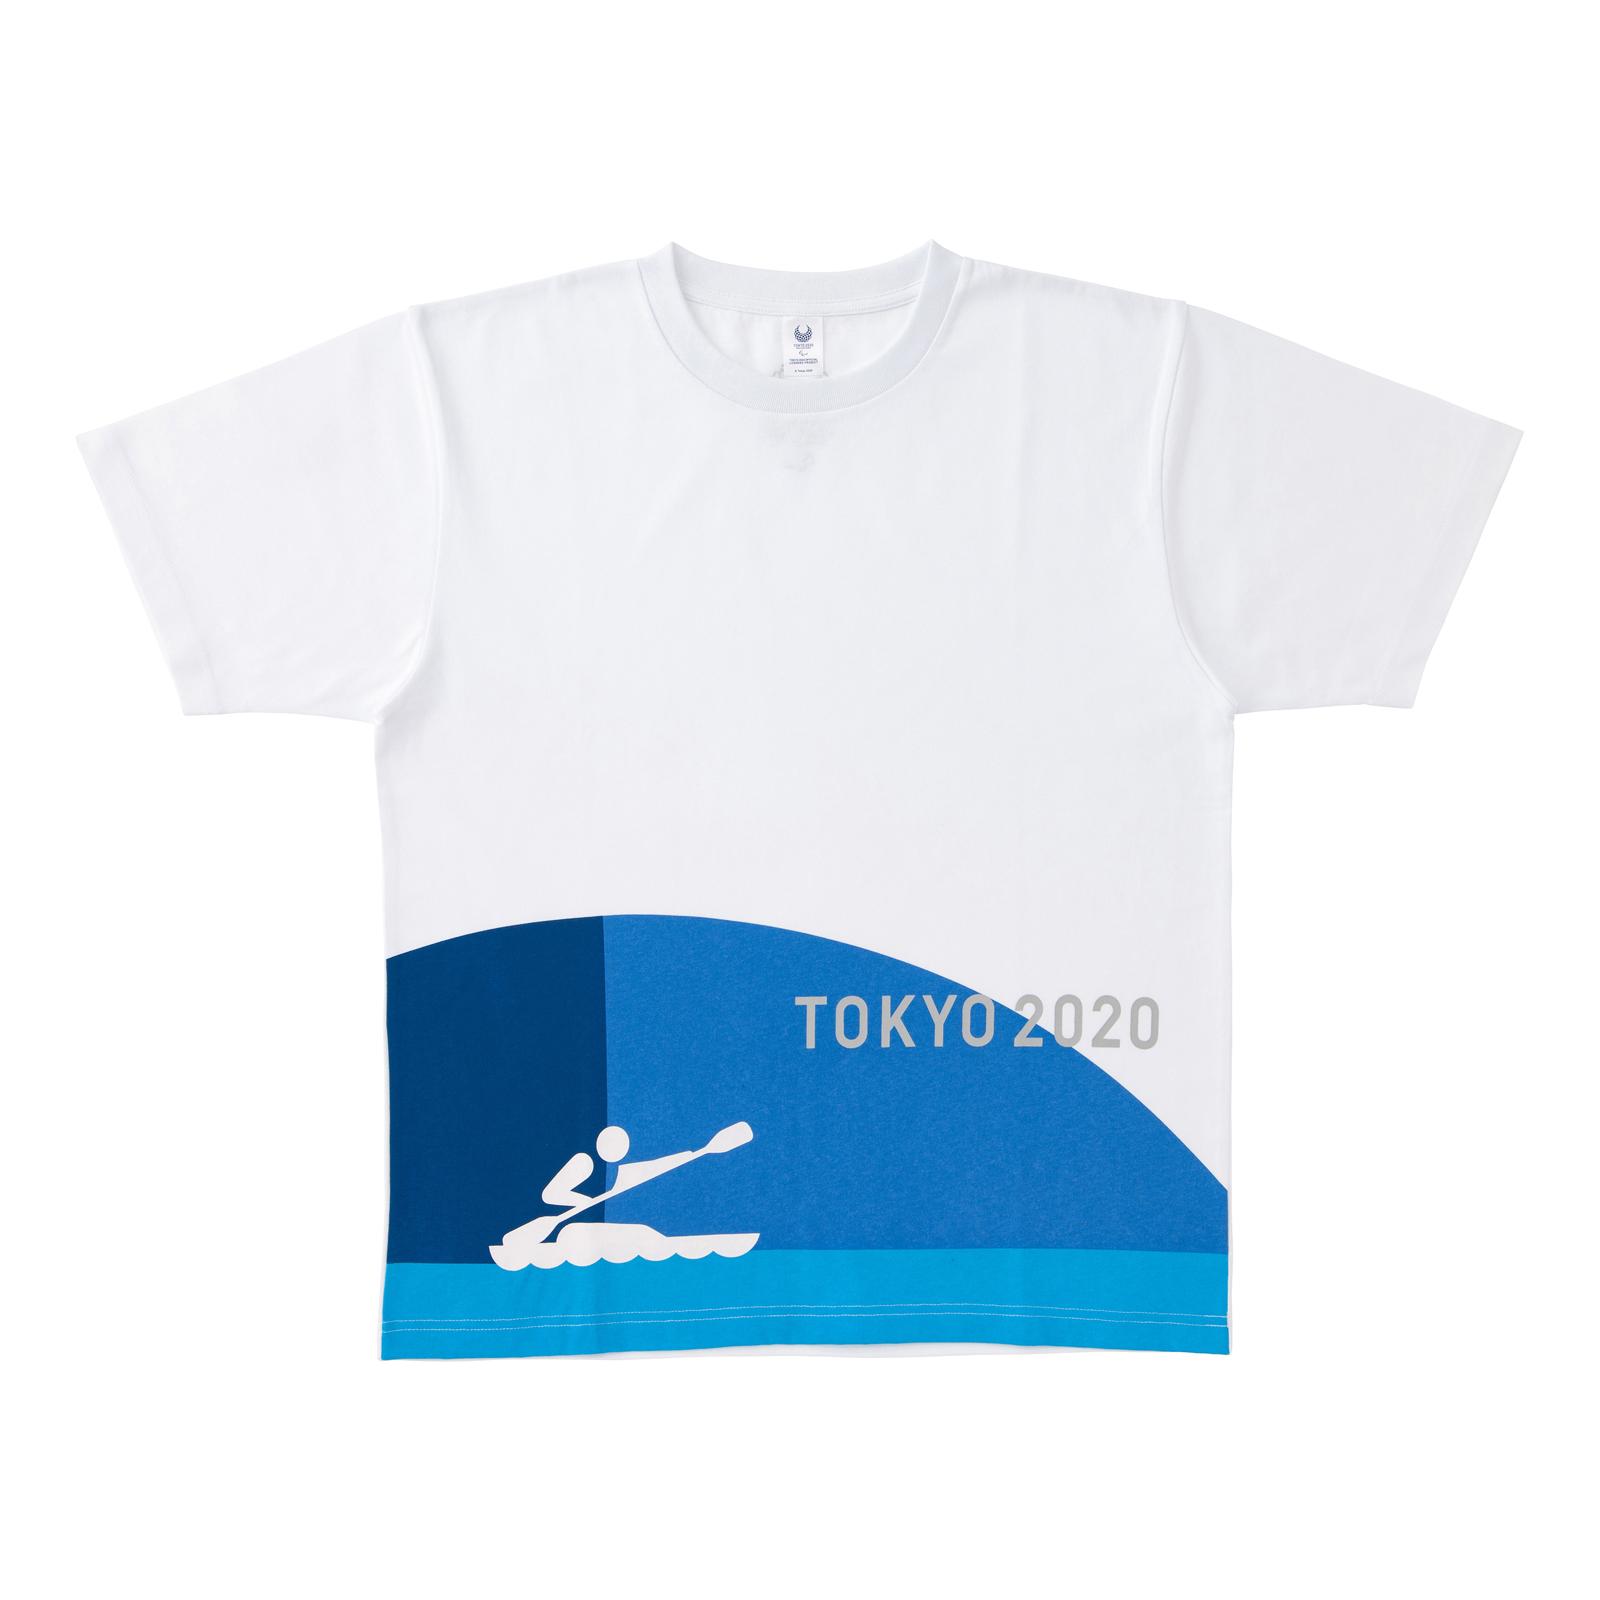 Tシャツカヌー(東京2020パラリンピックスポーツピクトグラム)